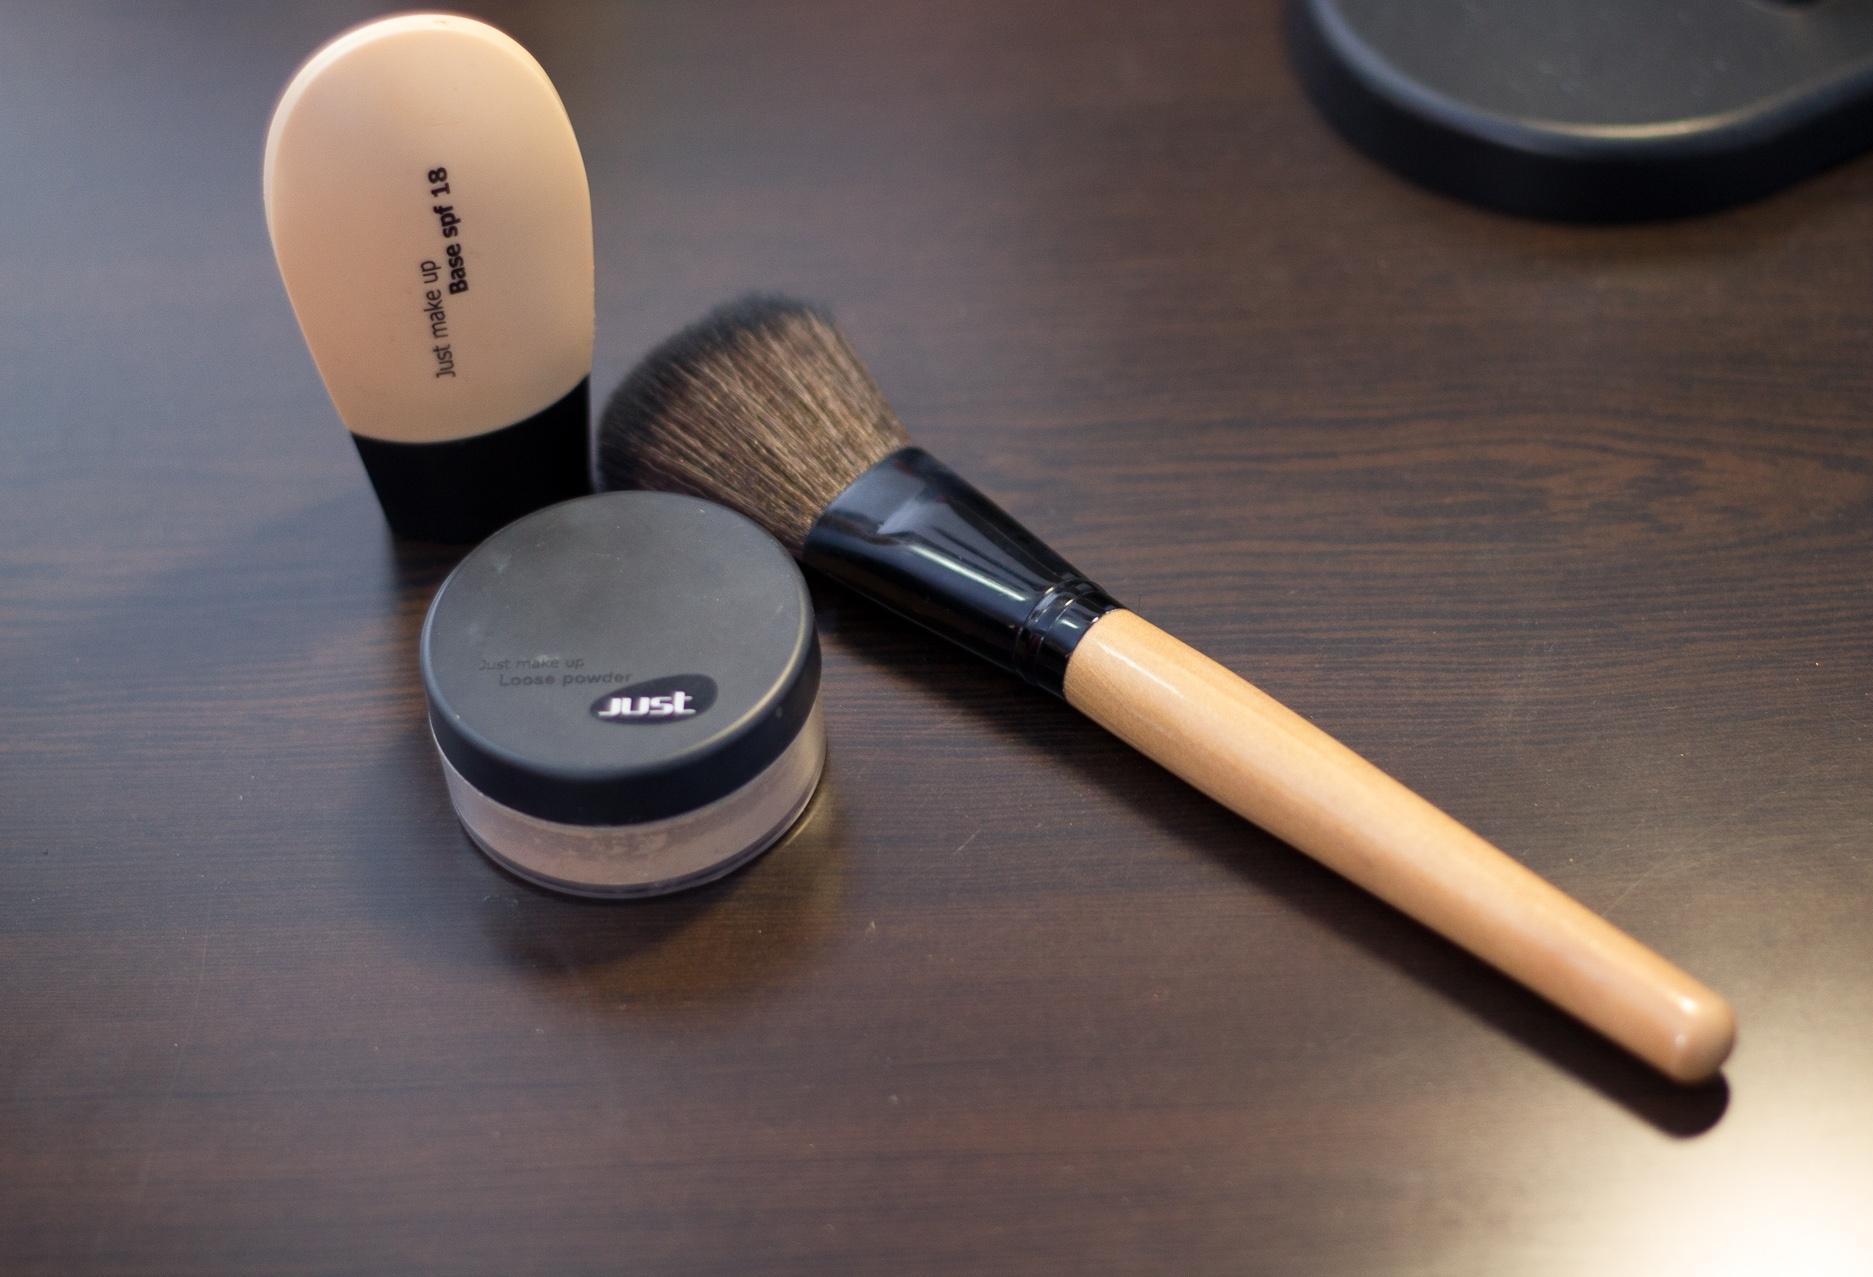 Кисти для макияжа just make